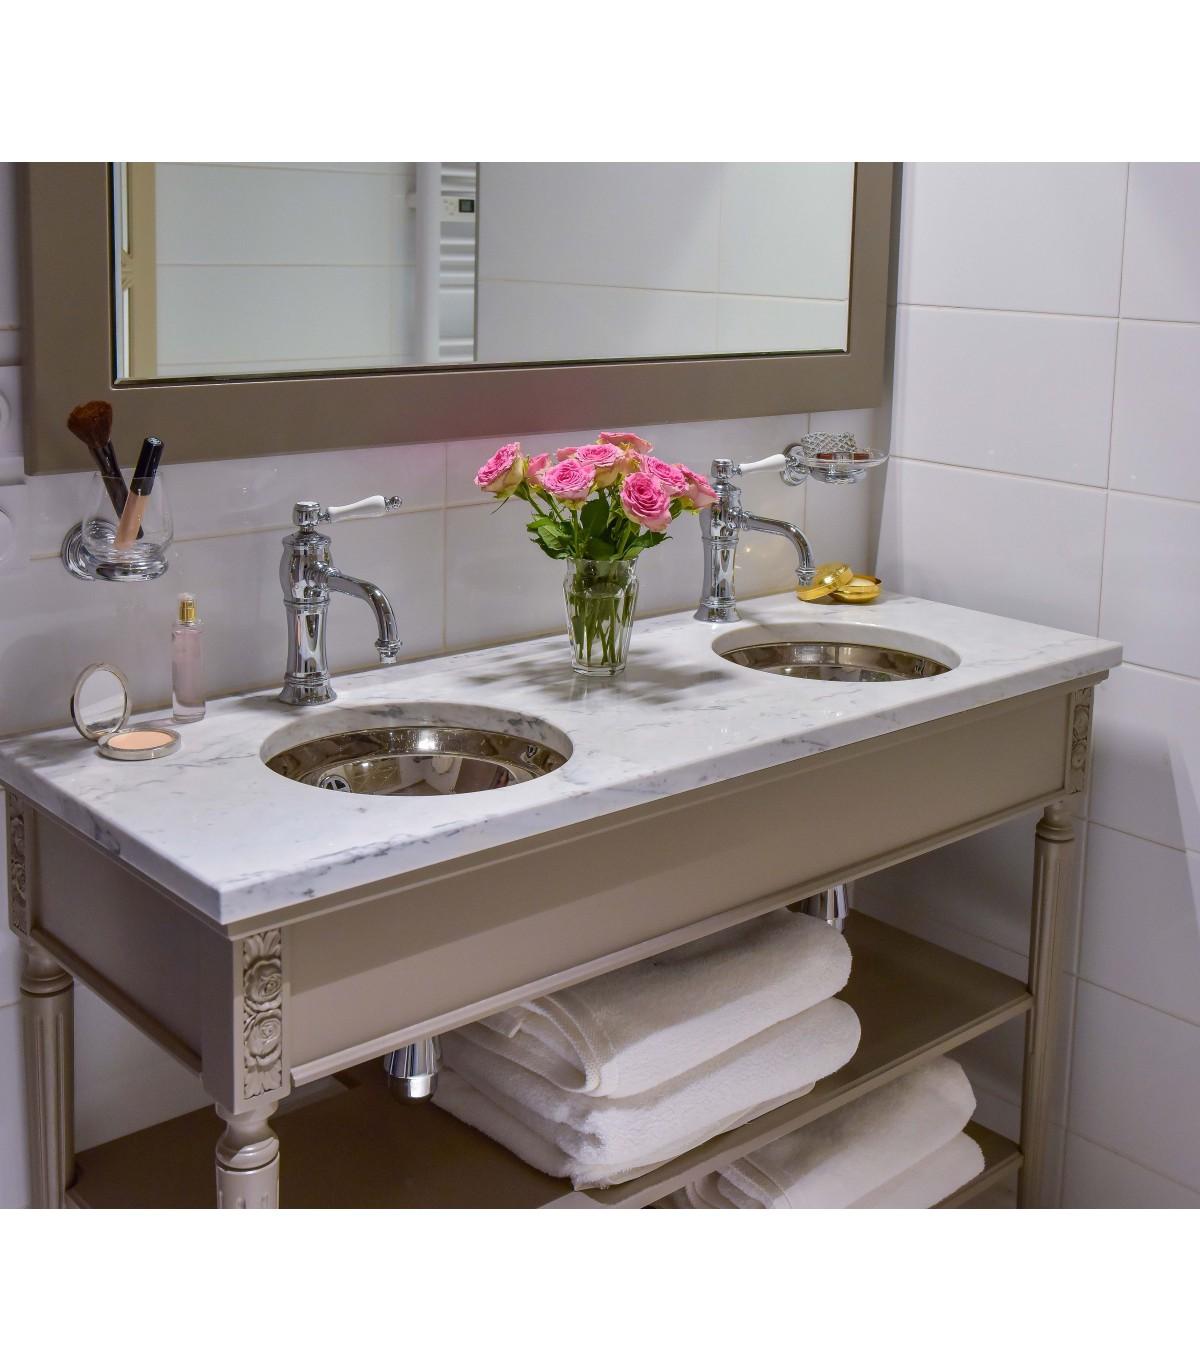 Meuble salle de bain double vasque : Boutique Montespan, meuble sous ...